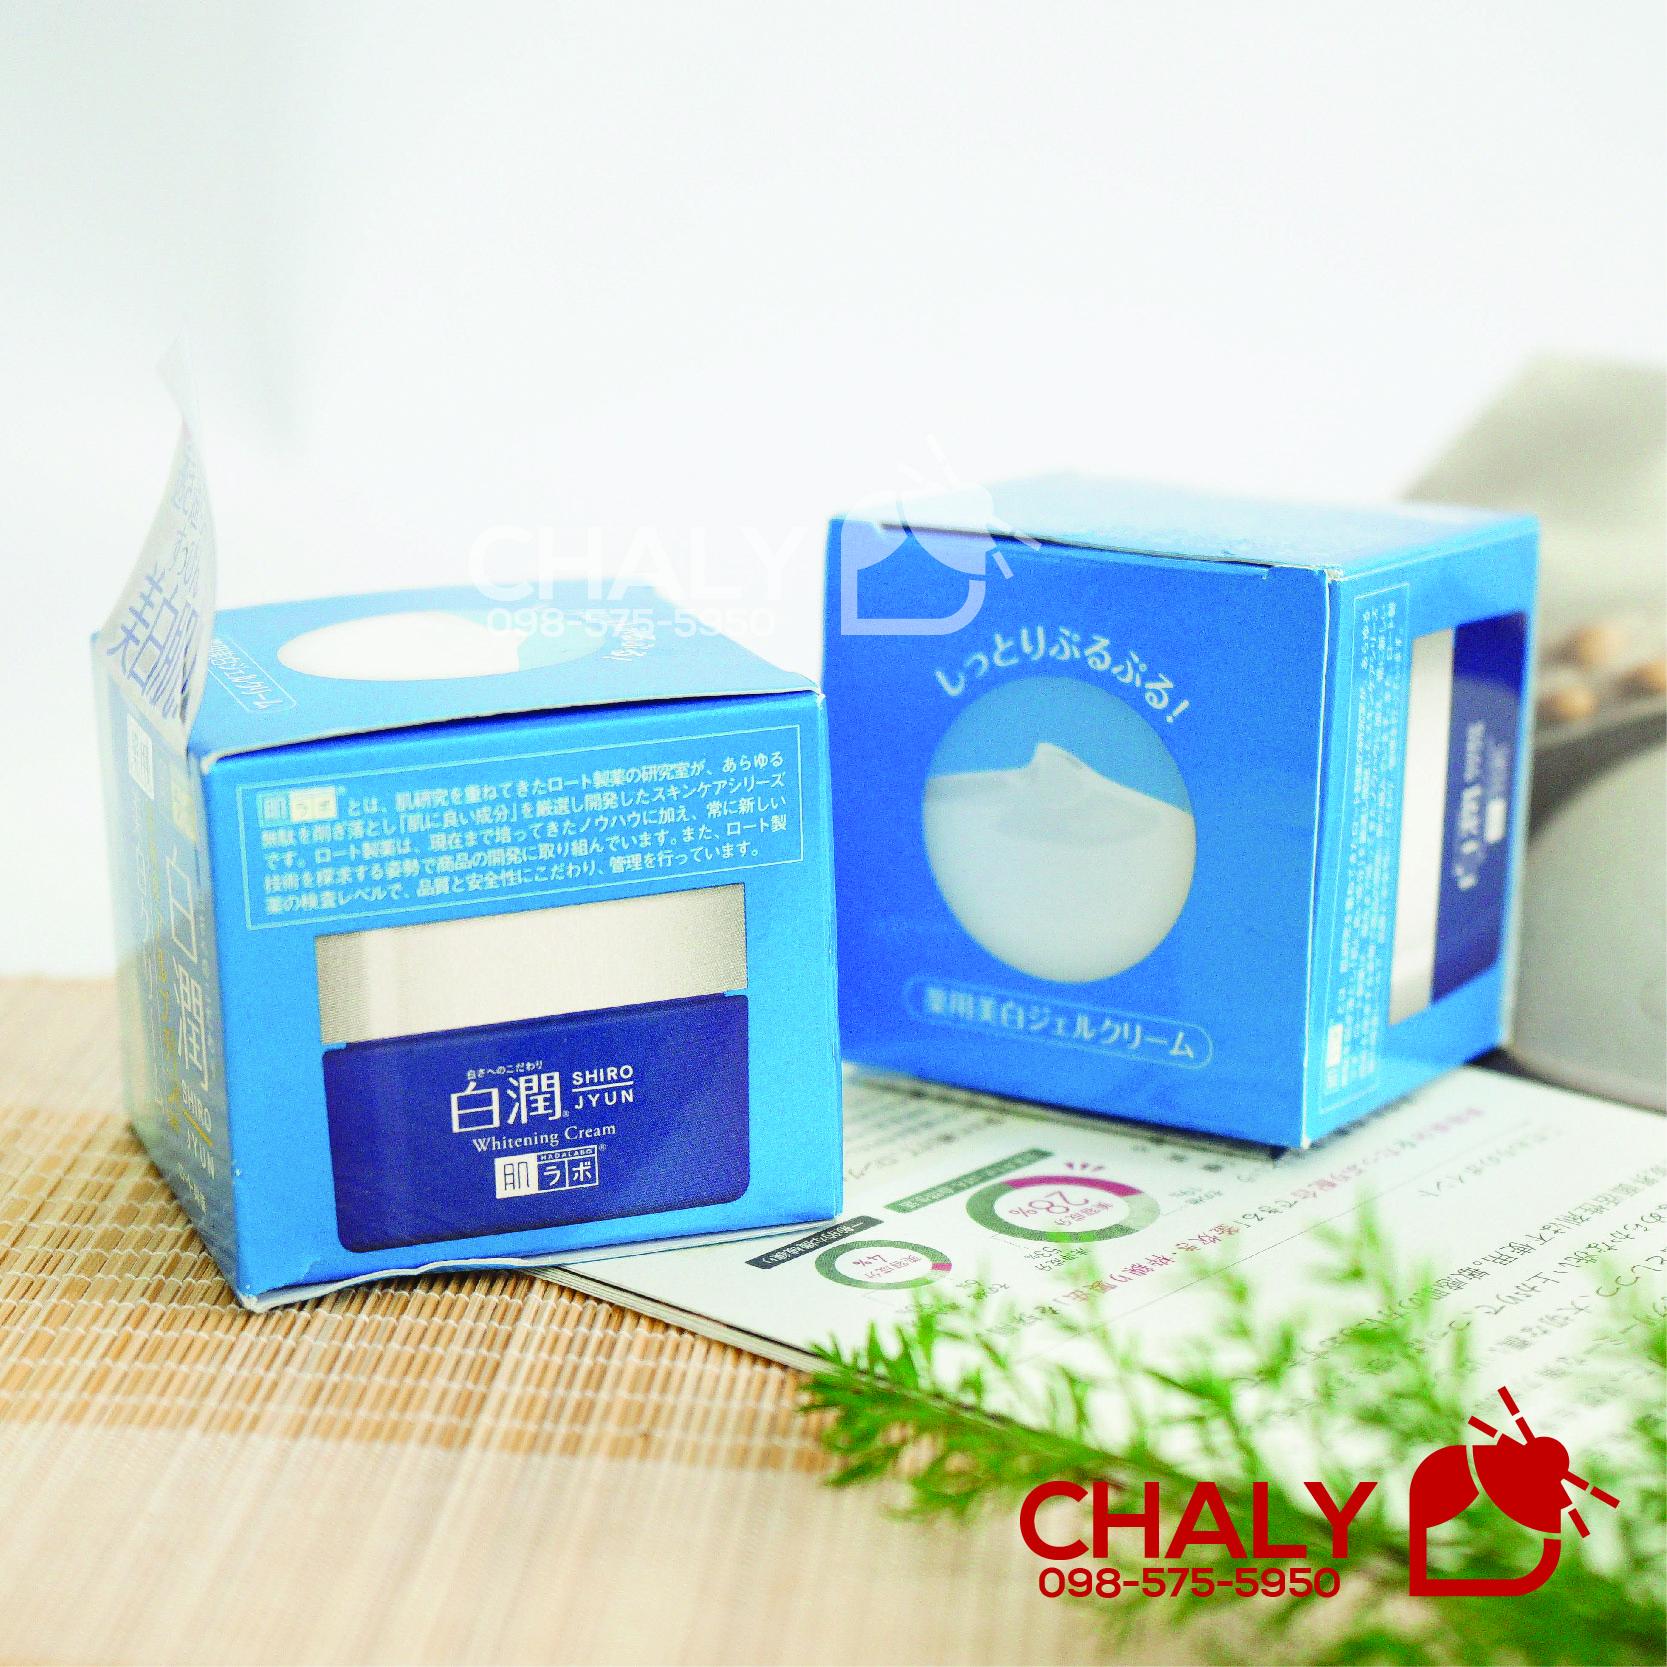 Kem dưỡng trắng Hada Labo review cực cao và được ưa chuộng suốt nhiều năm nay tại Nhật bởi độ lành tính, mịn da, khả năng thẩm thấu nhanh không bí rích. Phù hợp với da dầu, da hỗn hợp